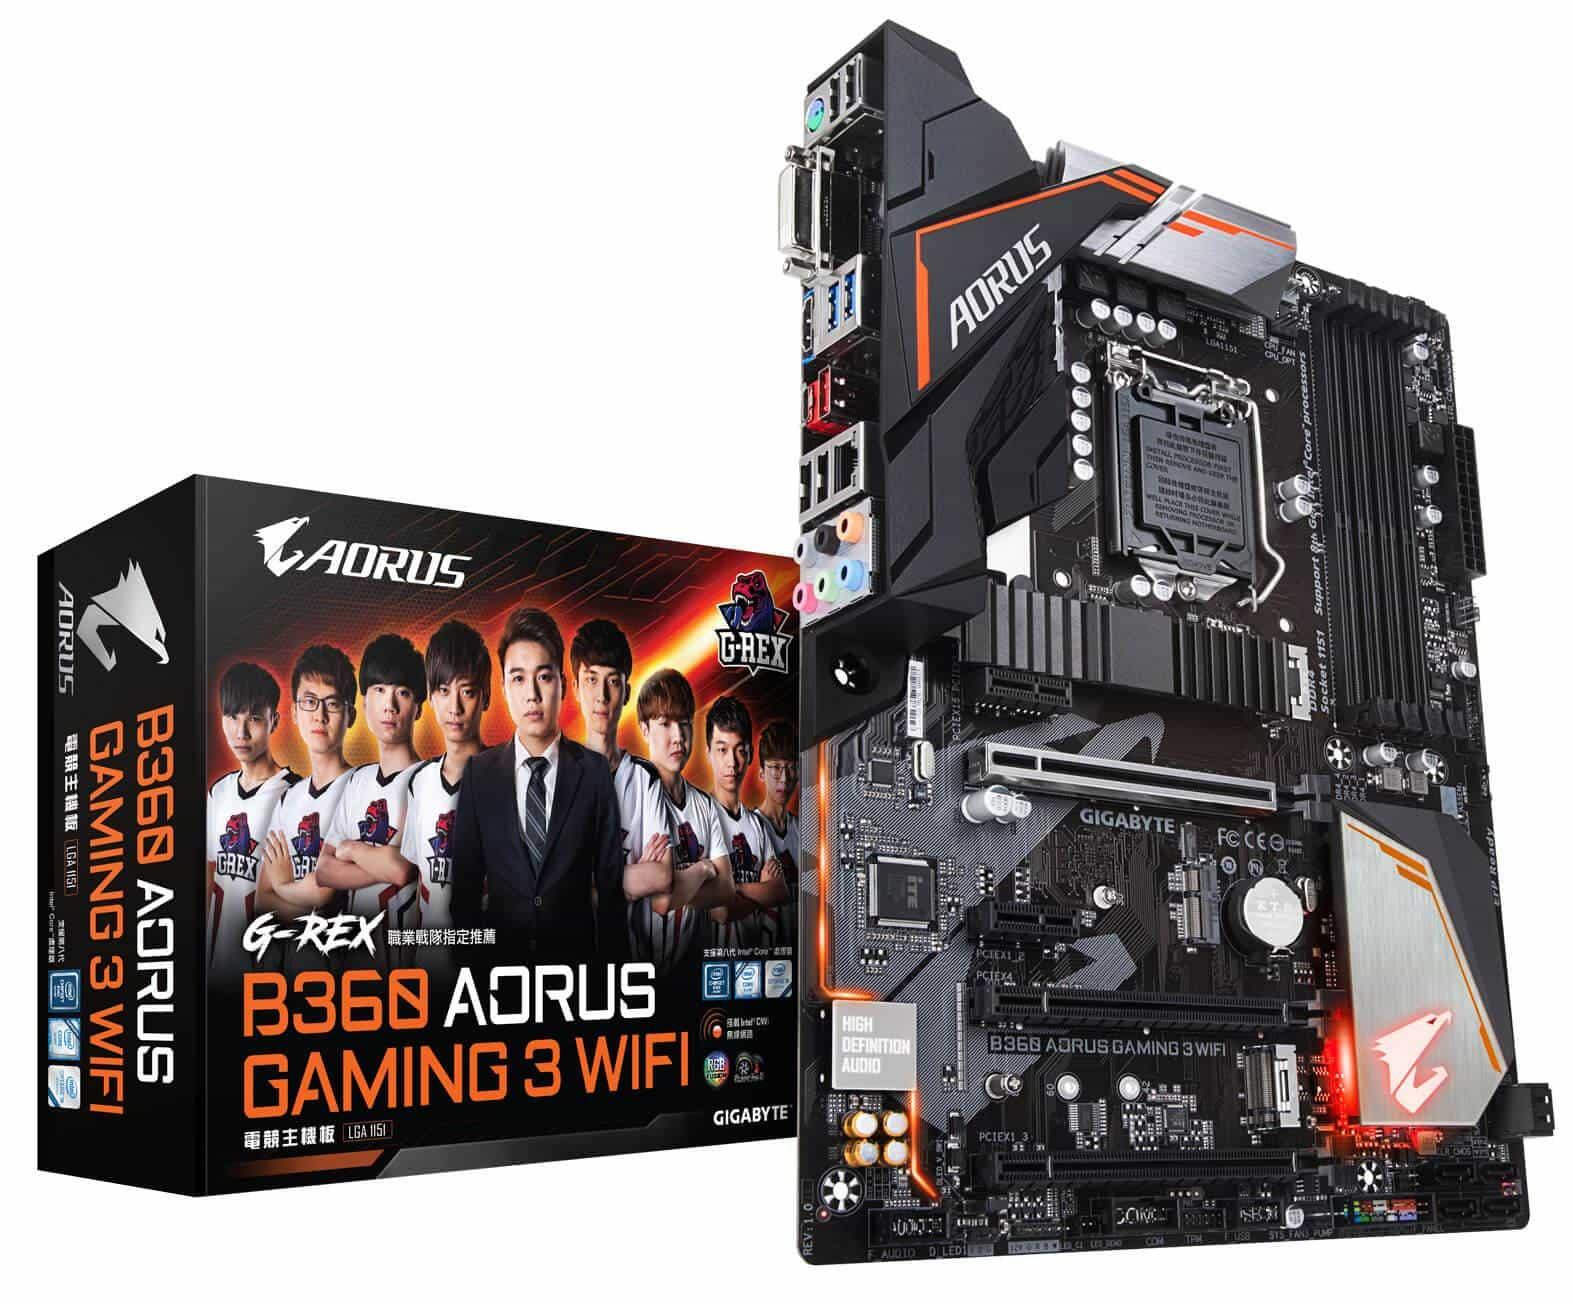 技嘉 b360 aorus gaming 3 wifi g rex 戰隊 版